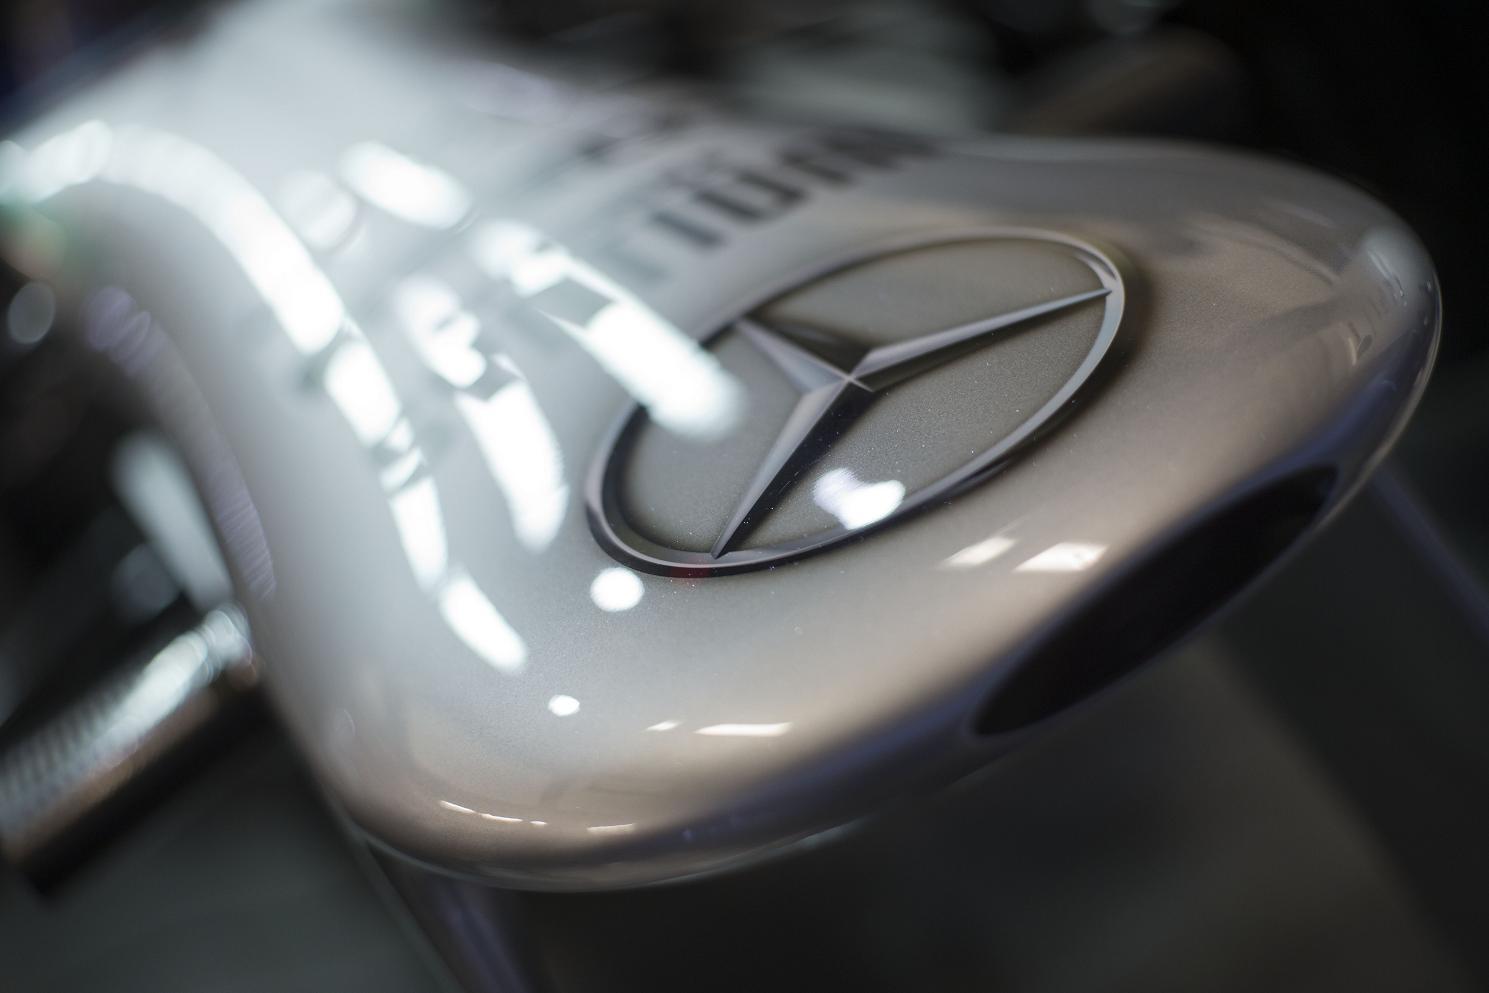 Táblamagazin: Megjelent az F1-live.hu első száma